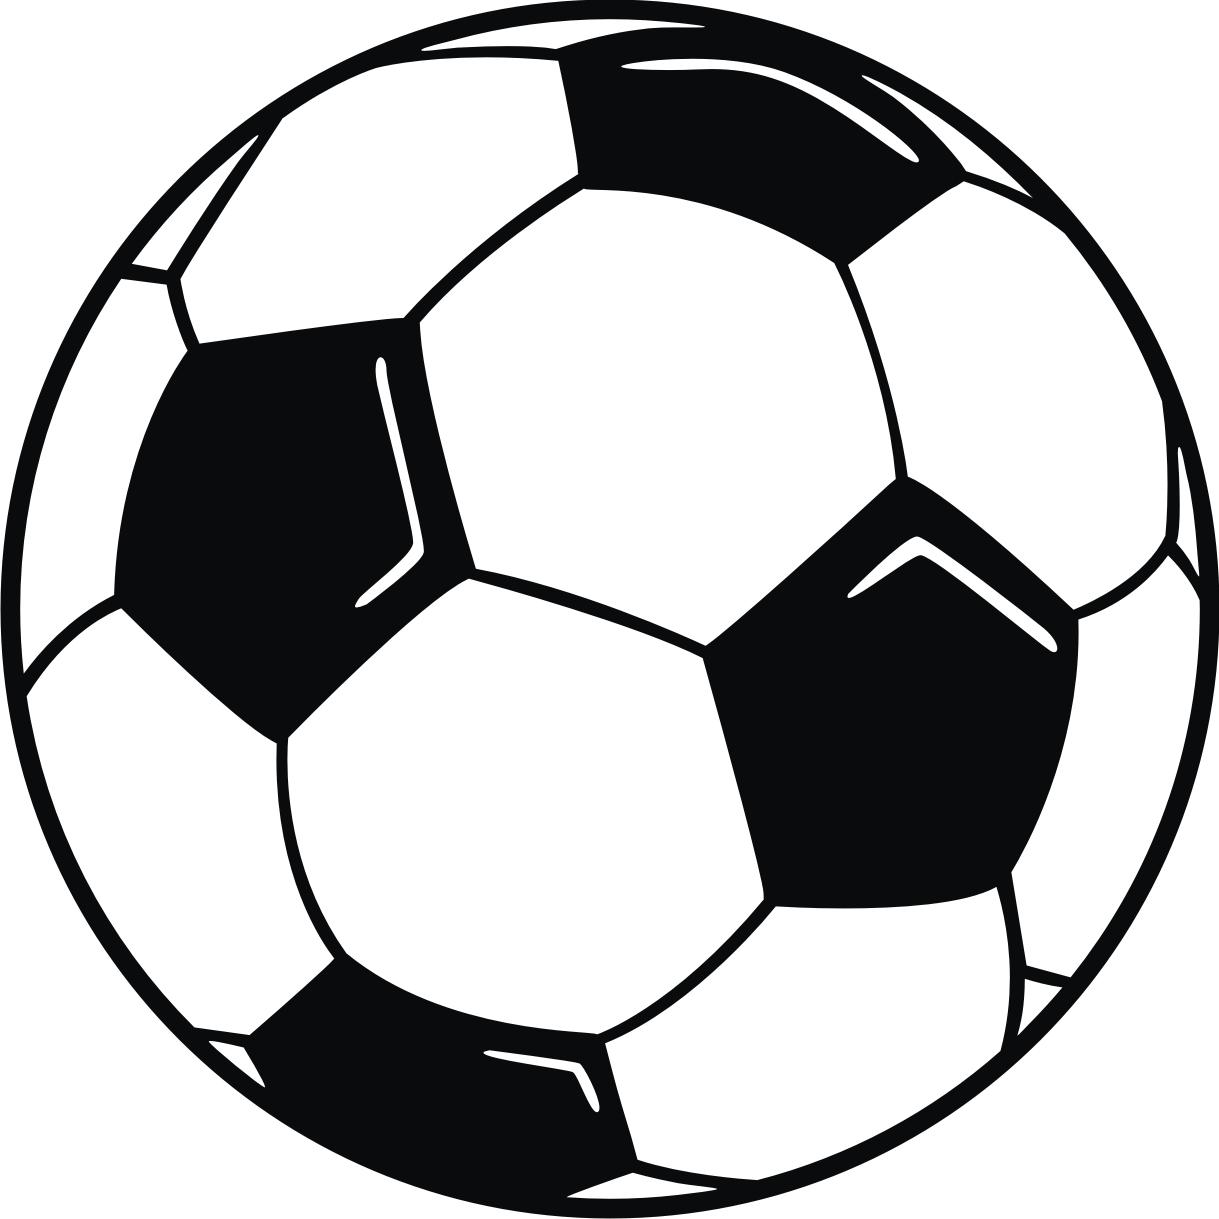 Randome clipart sports ball #7